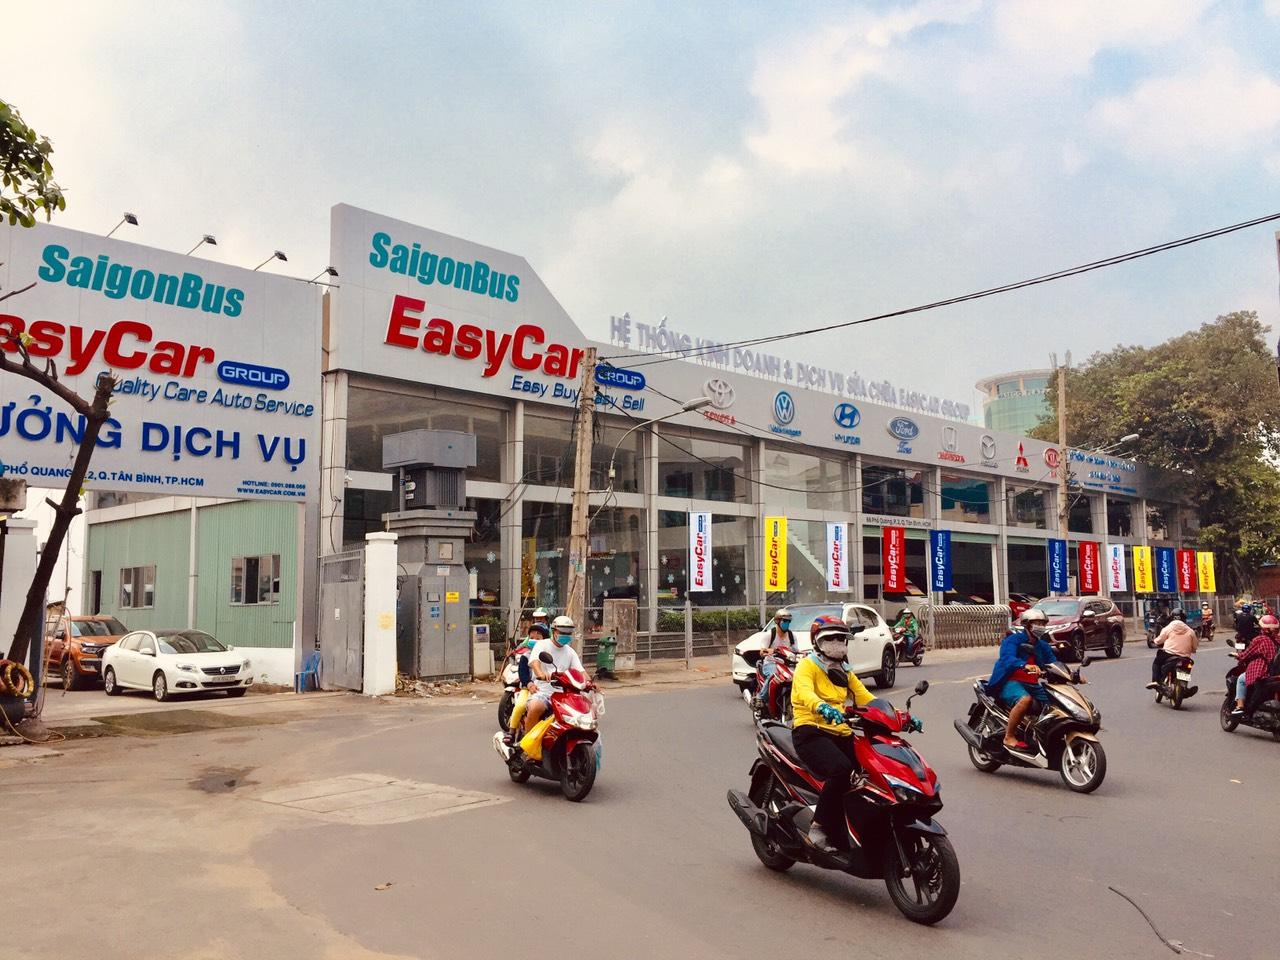 Ra mắt chuỗi hệ thống kinh doanh & dịch vụ sửa chữa xe qua sử dụng Easycar Group easycargroup-04.jpeg